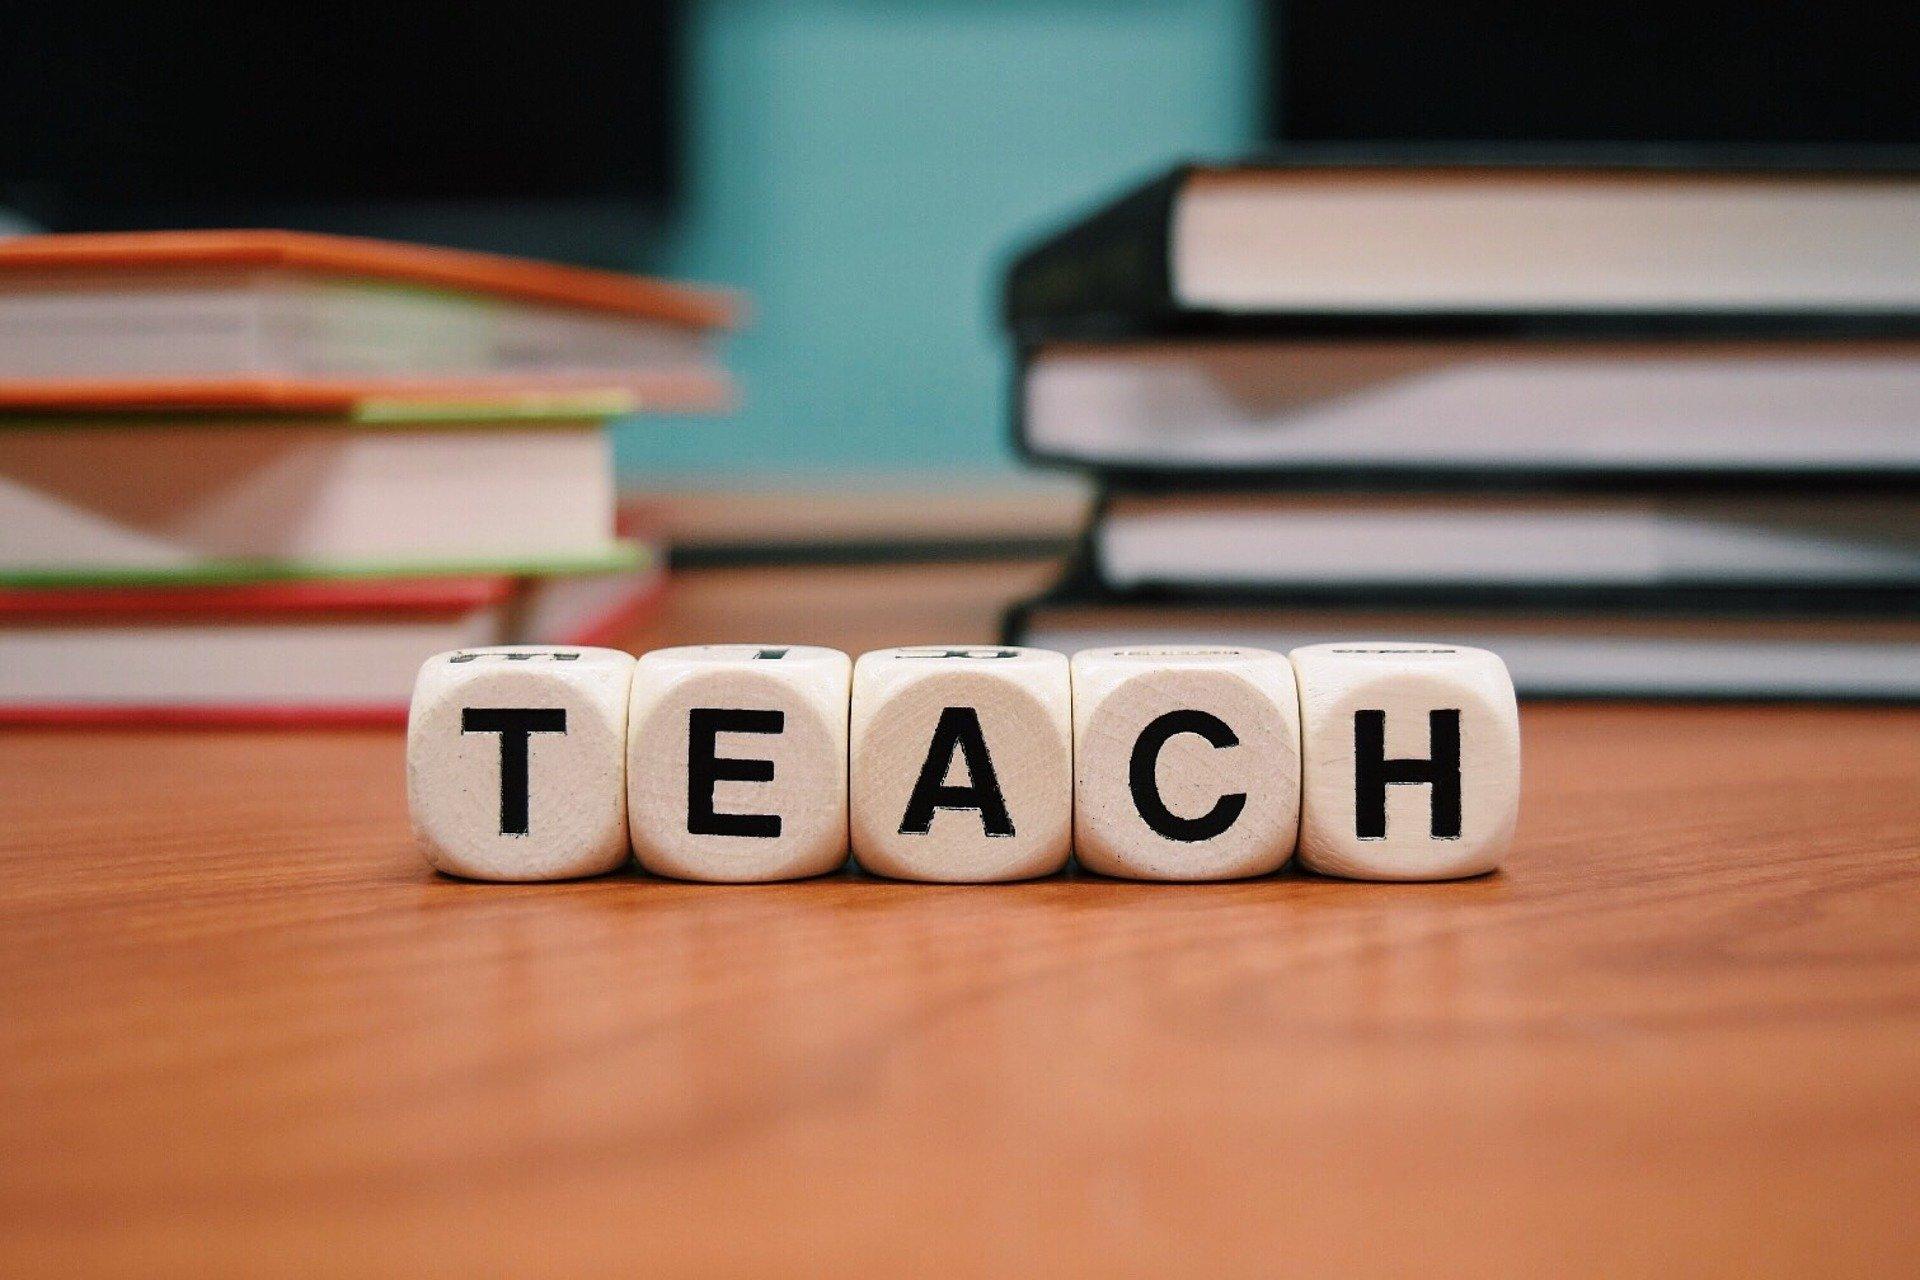 teach 1968076 1920